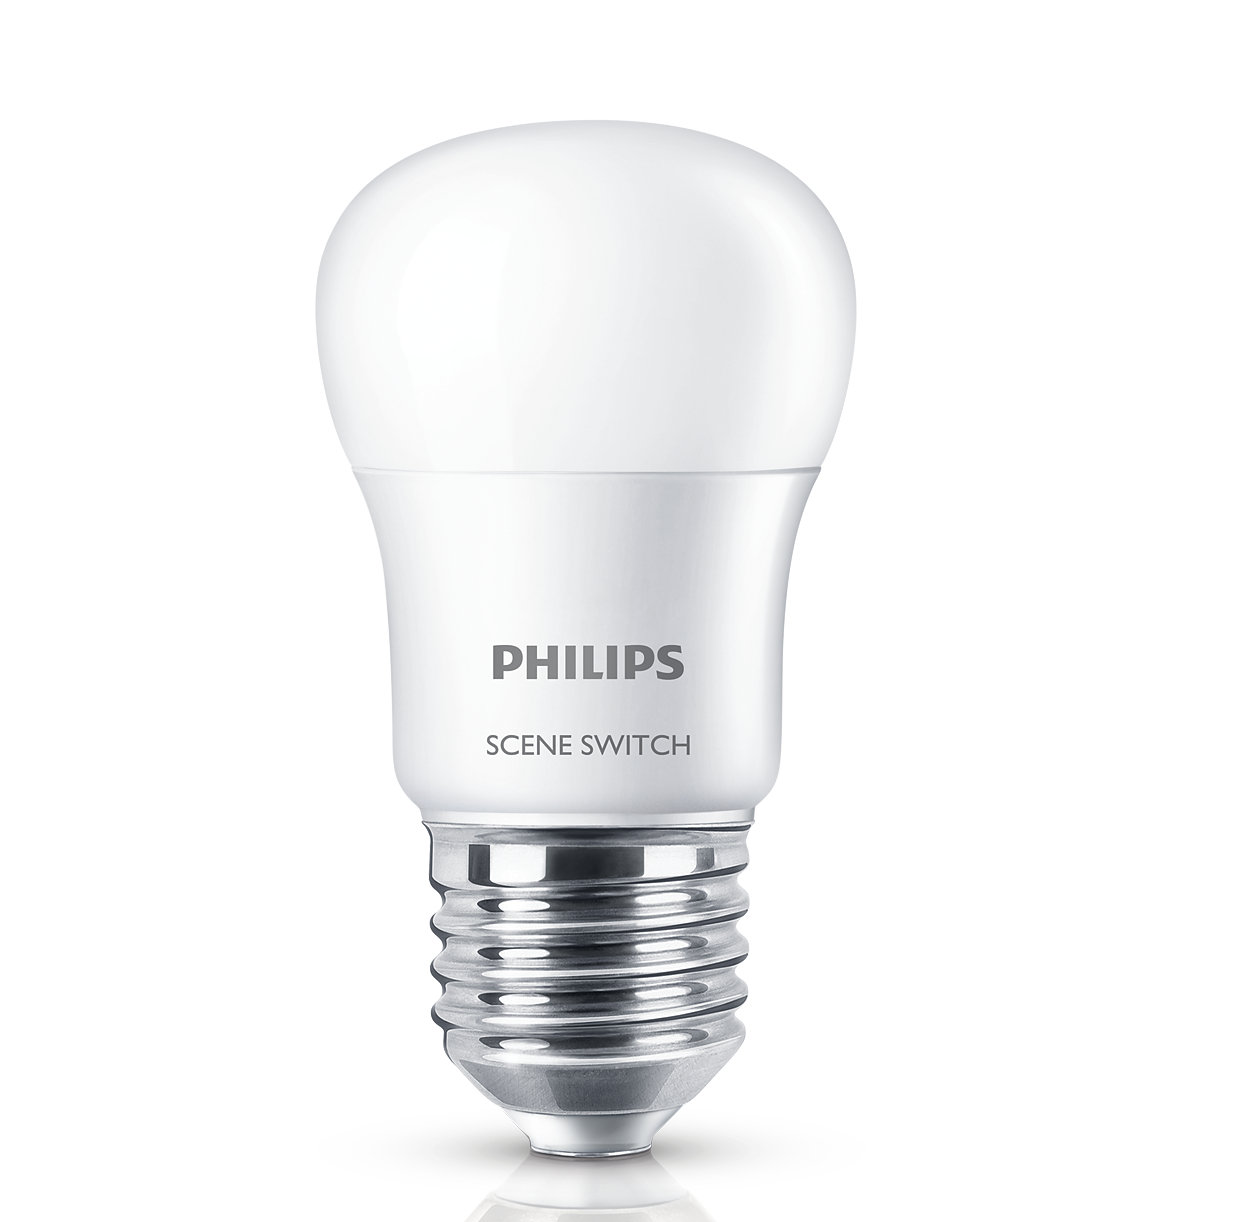 一個燈泡,兩種光線顏色